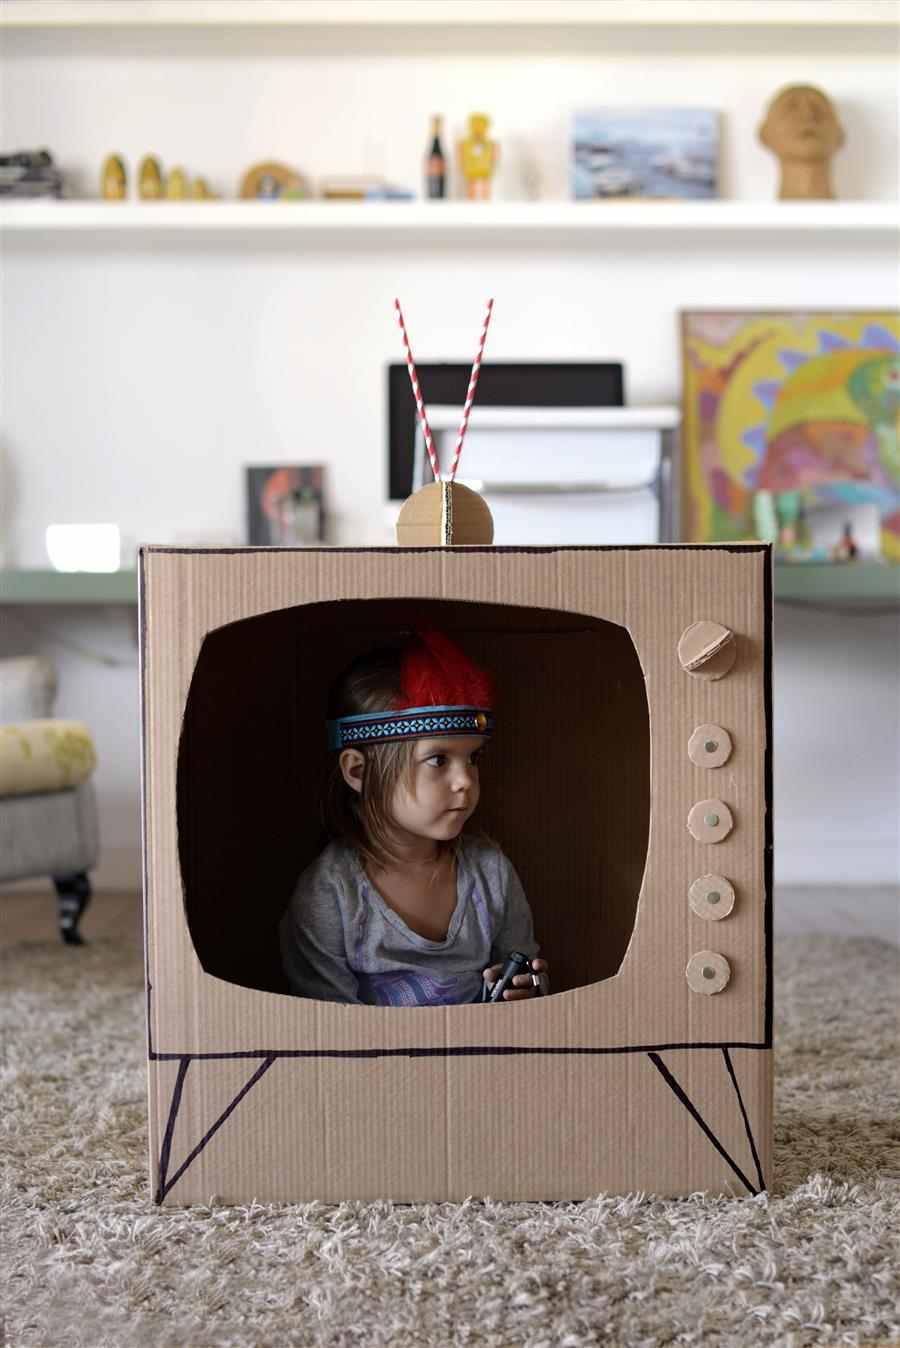 TV de papelão grande